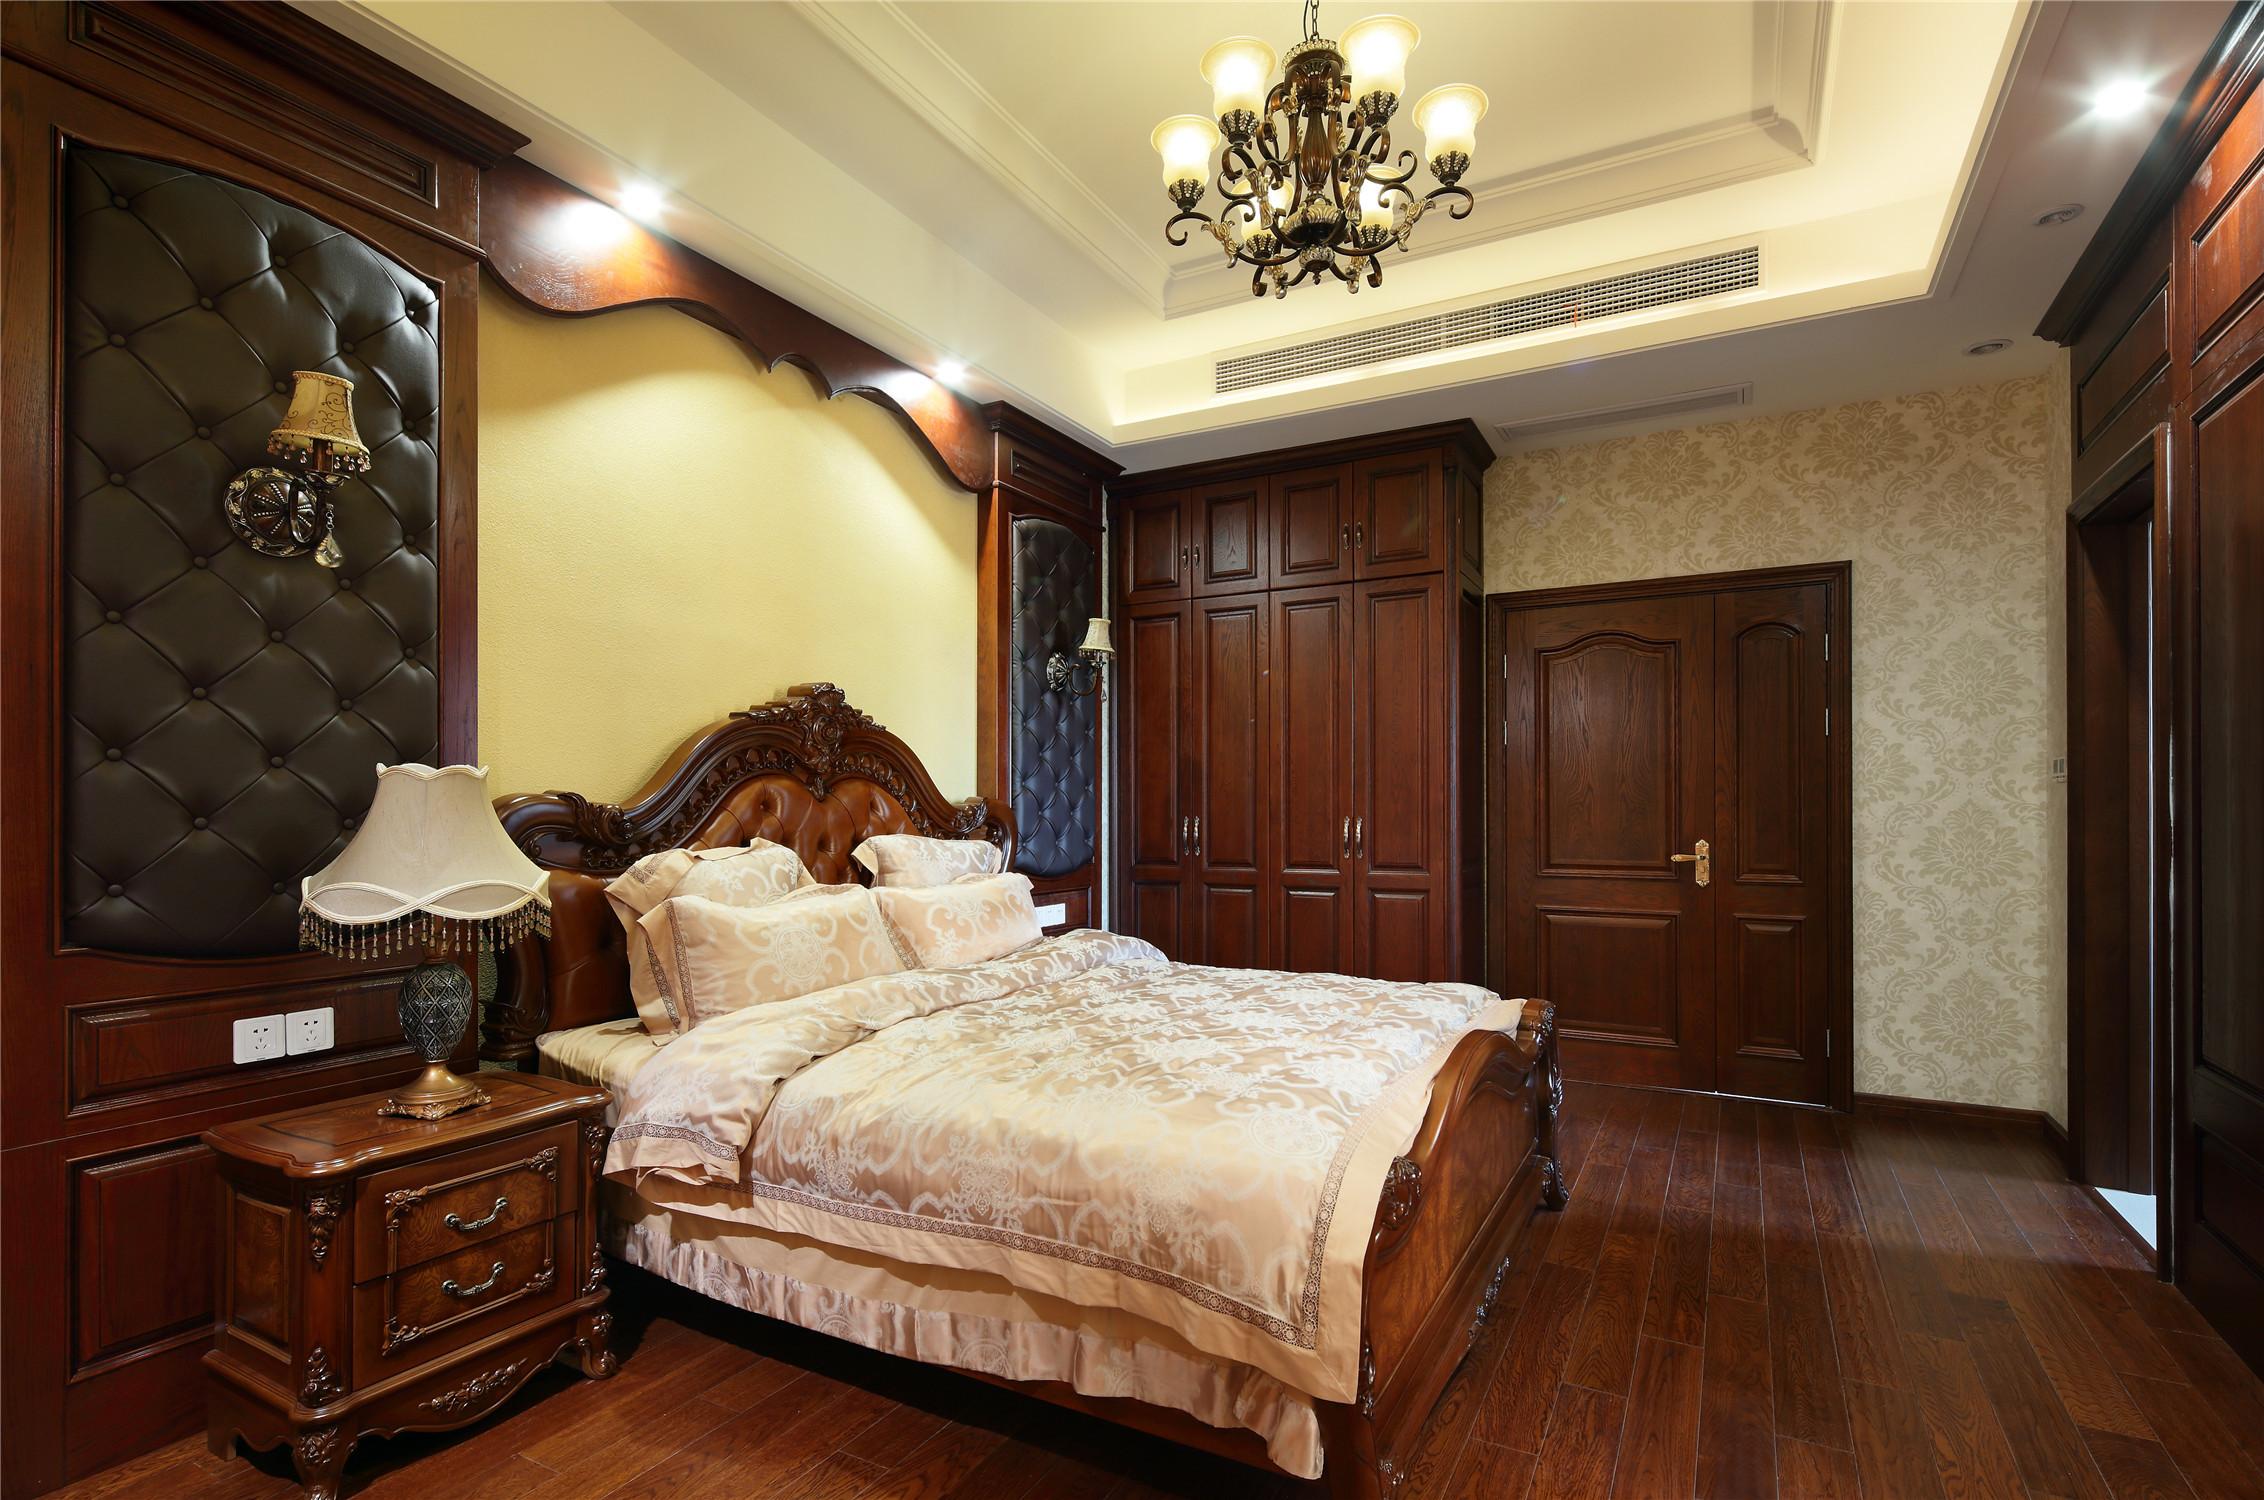 美式风格别墅装修卧室设计图